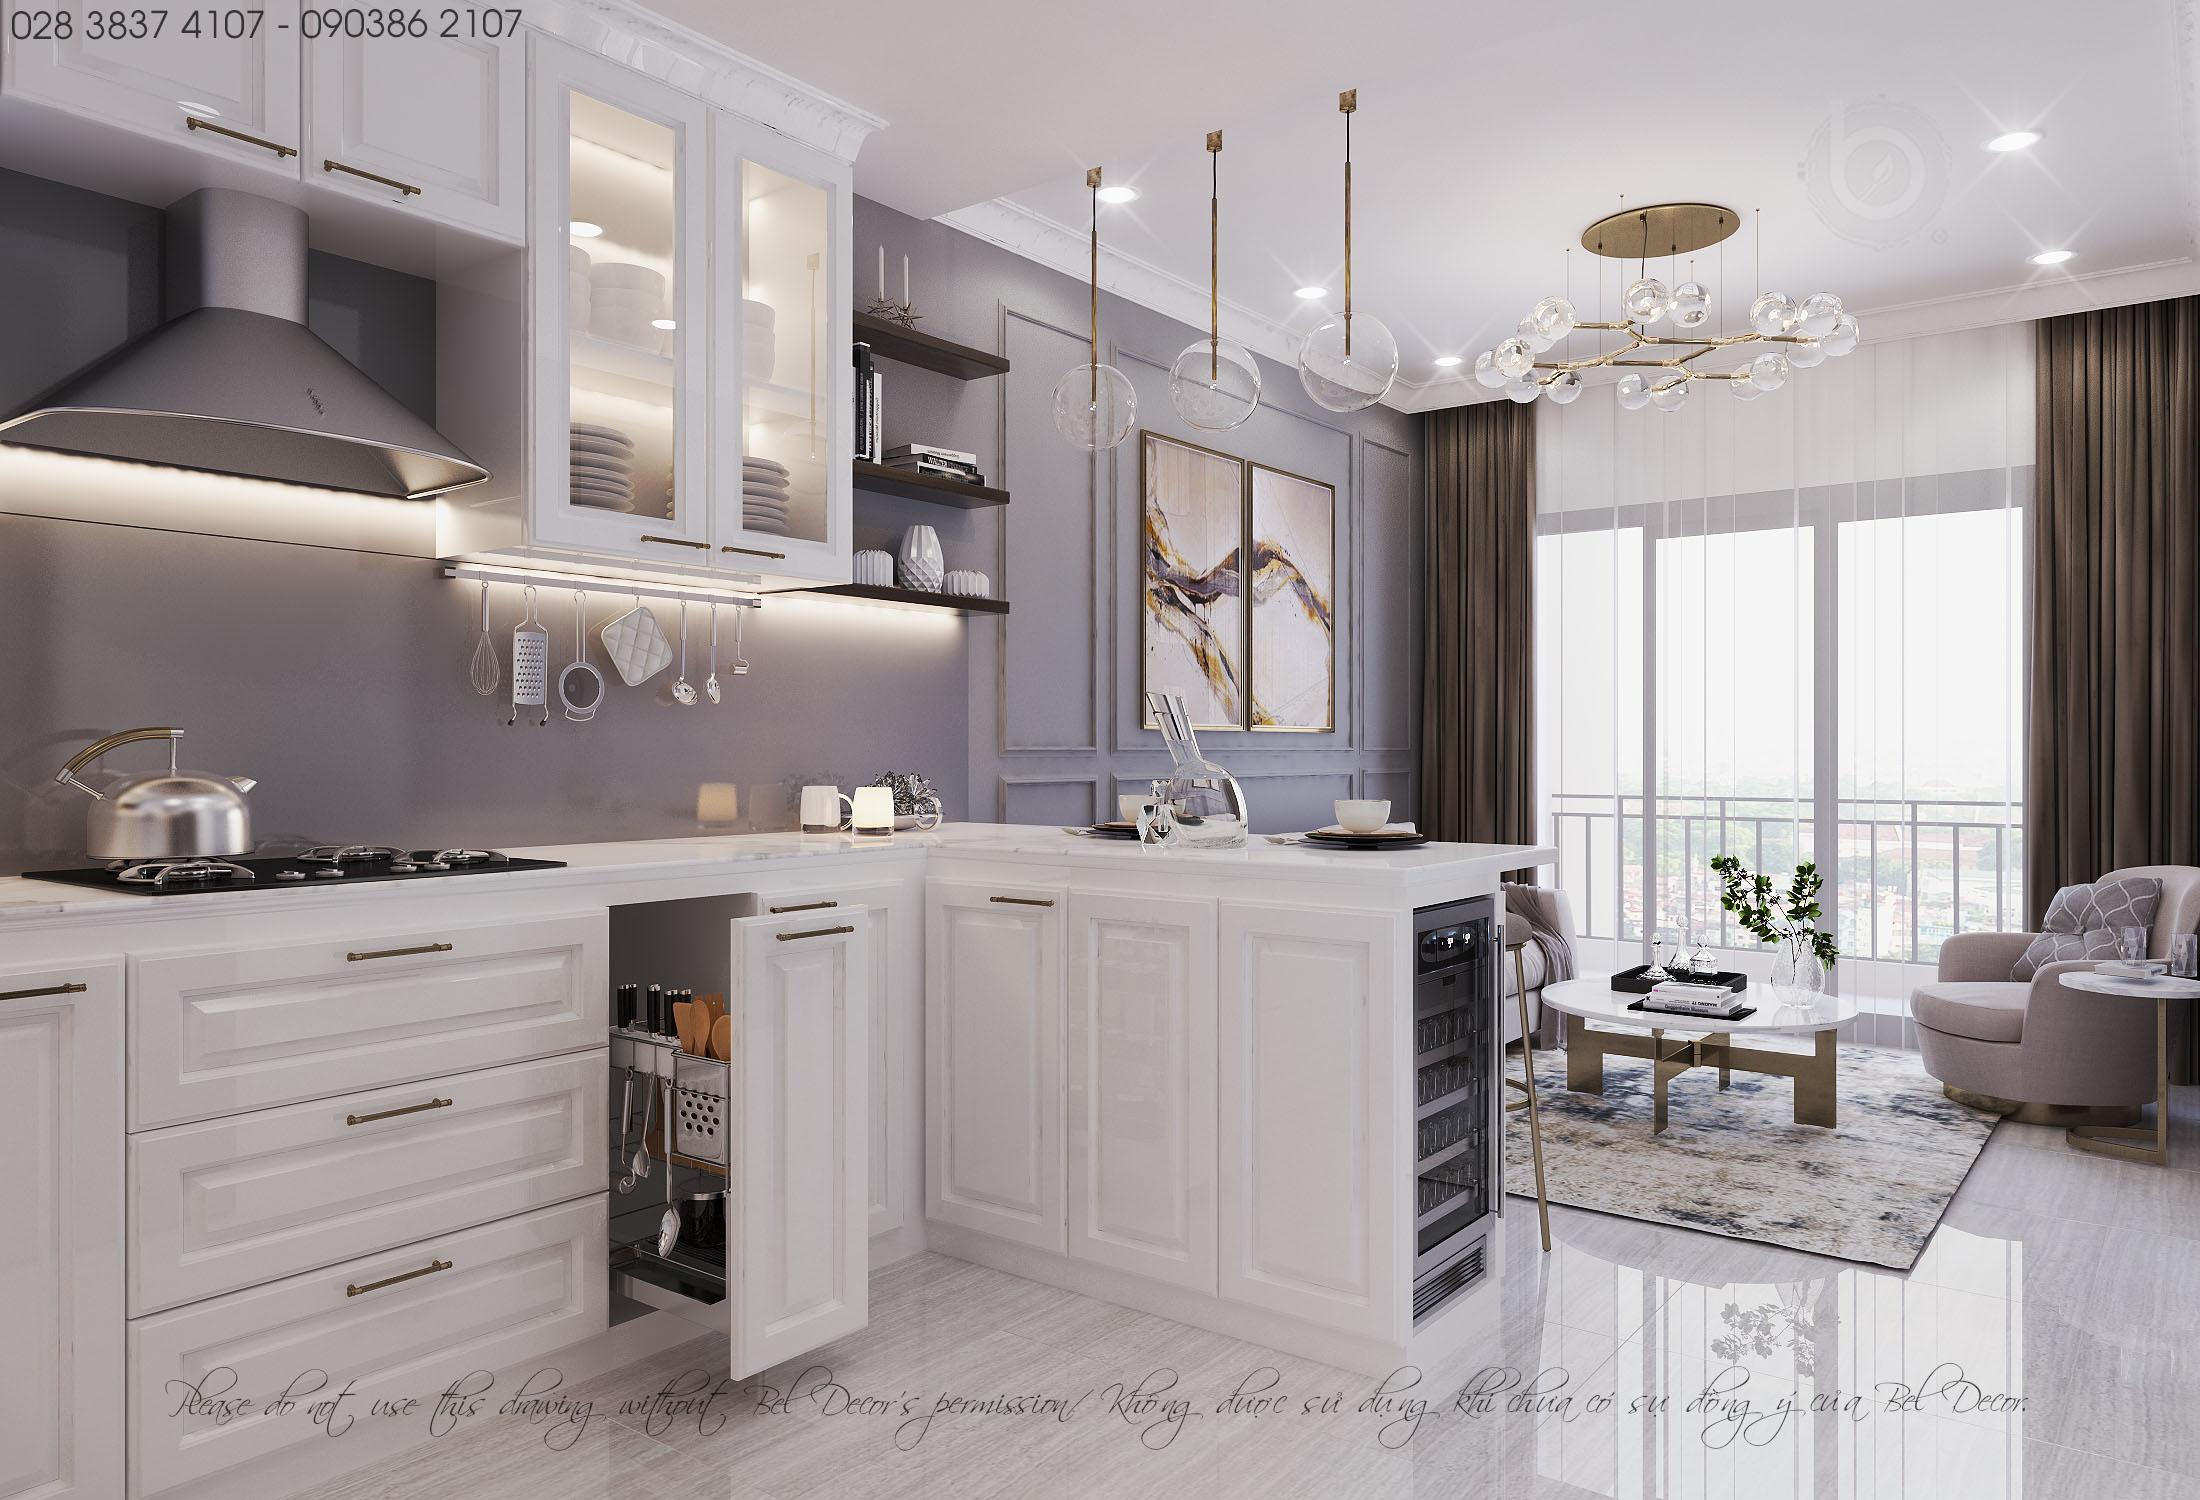 thiết kế nội thất chung cư tại Hồ Chí Minh THIẾT KẾ NỘI THẤT CĂN HỘ (HO1895) 0 1557475034